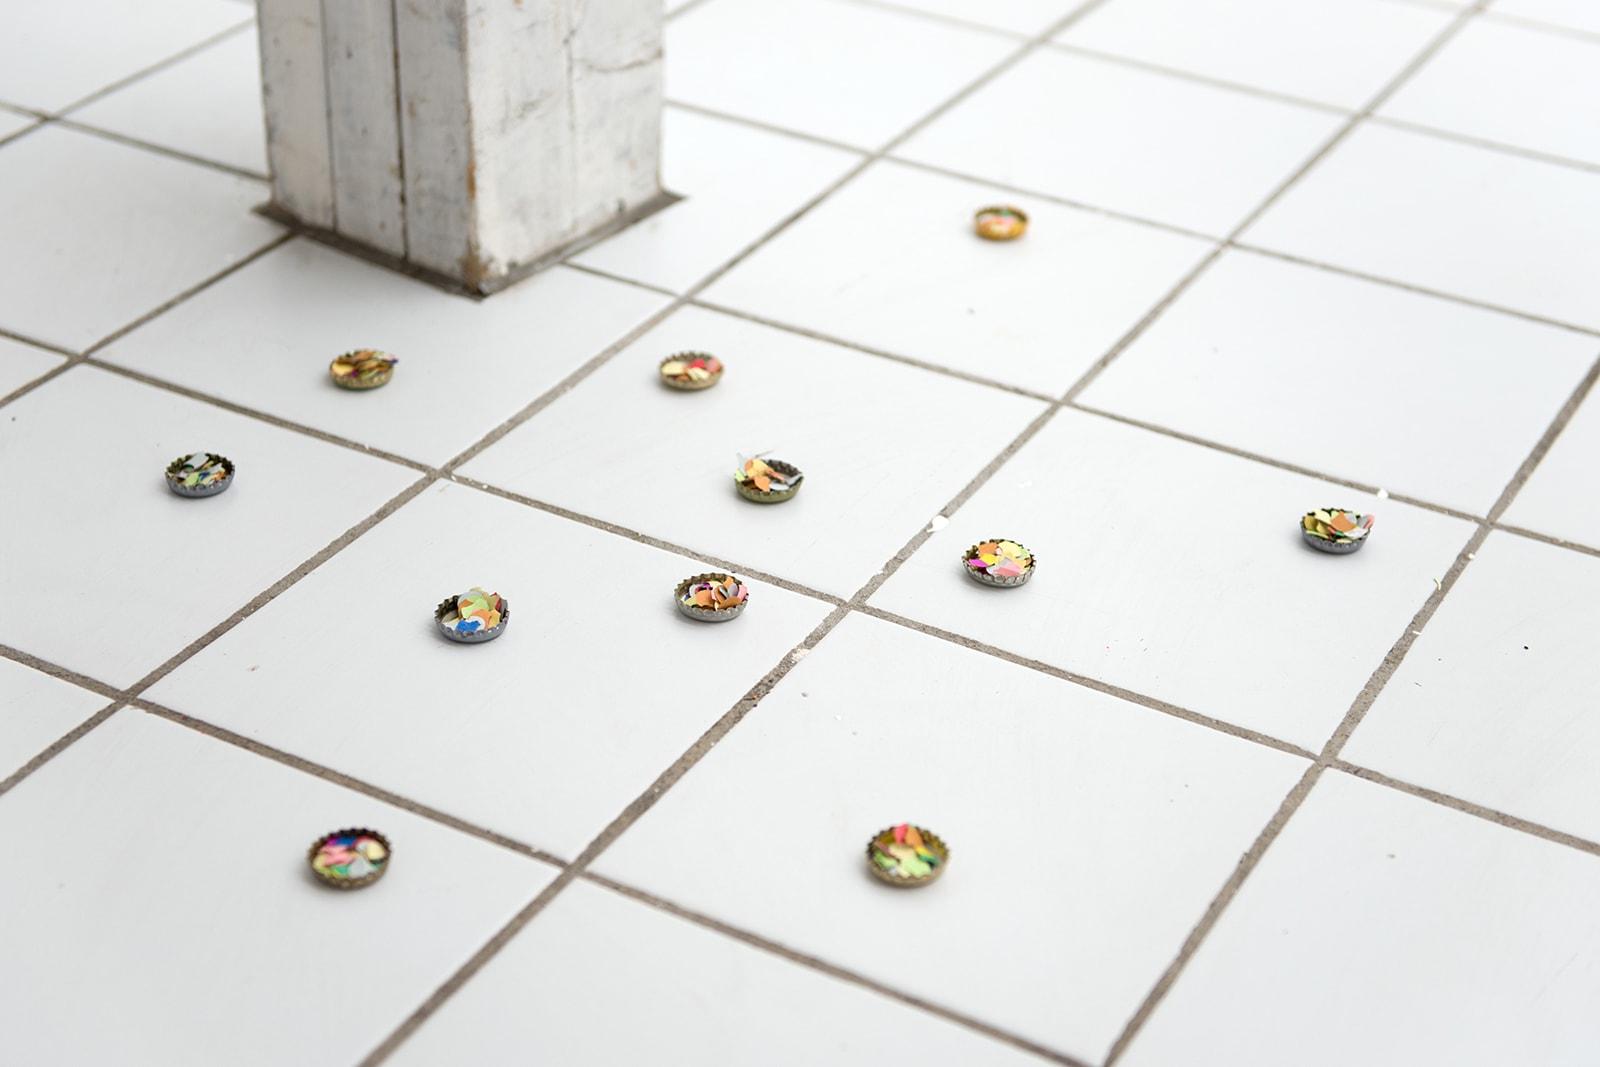 Confetti - Beer caps, confetti, 2013